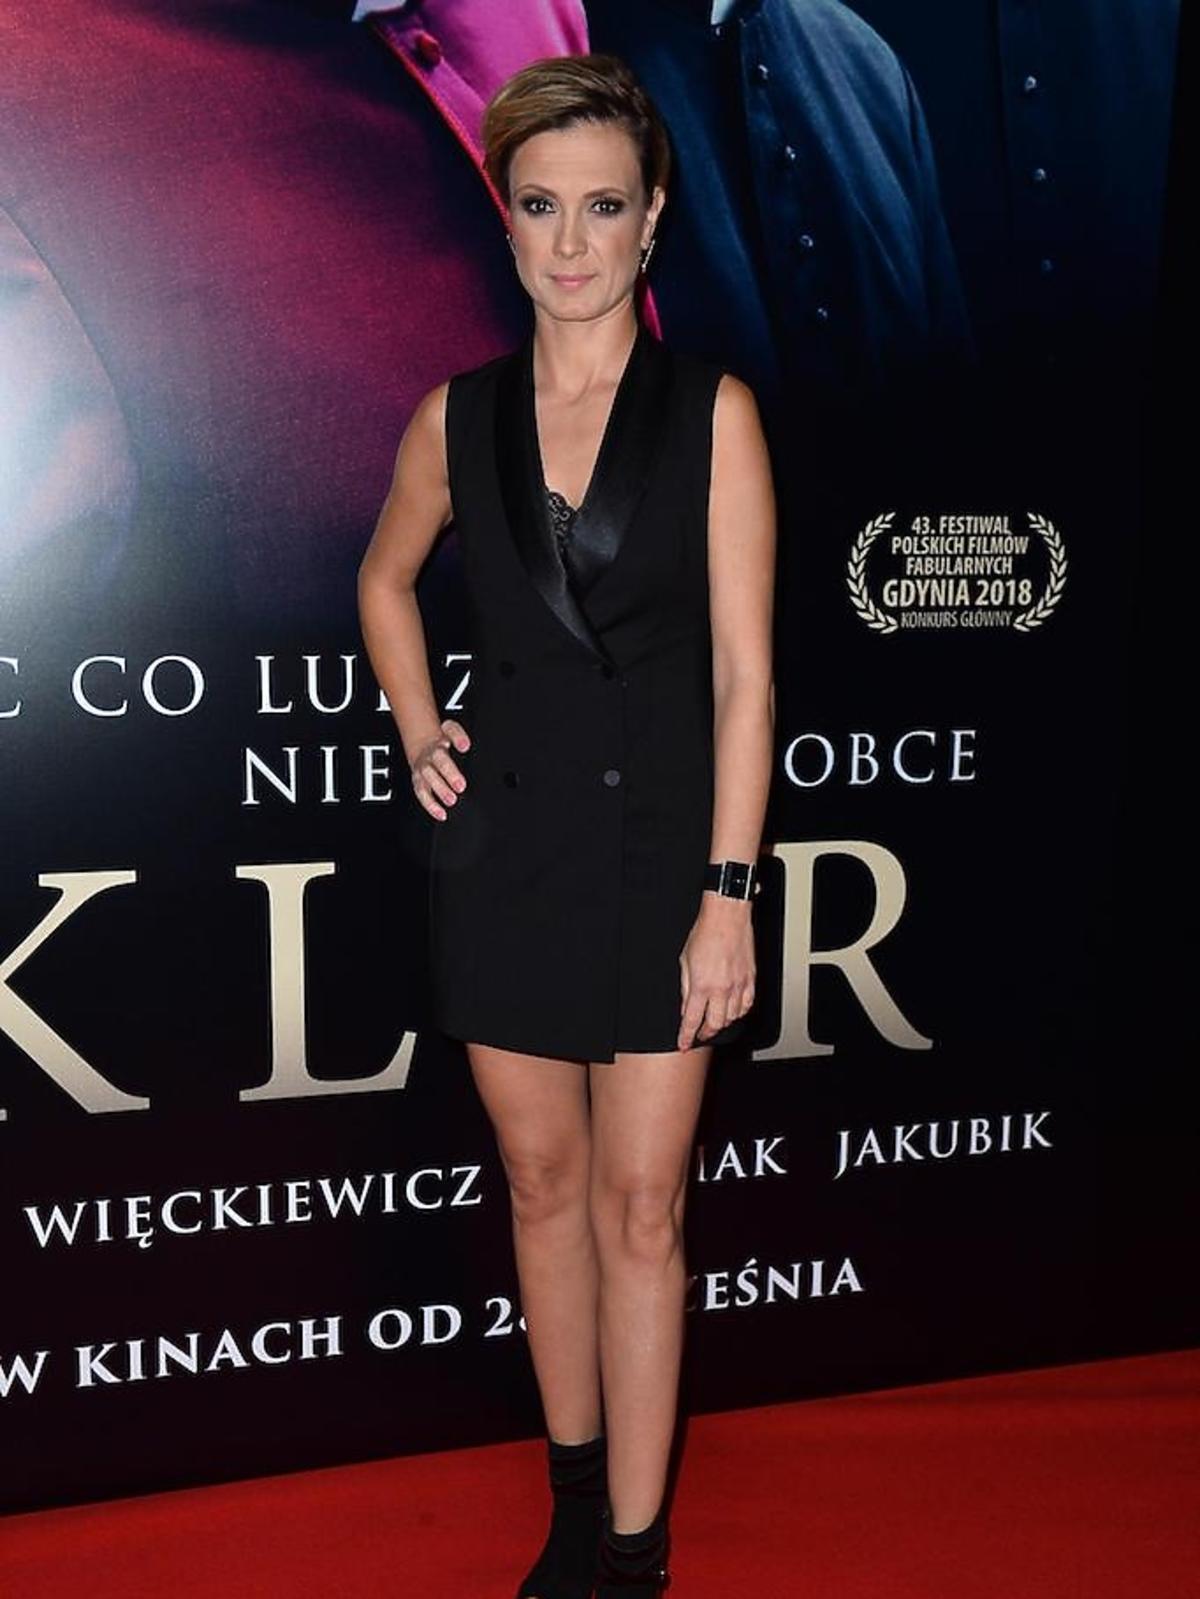 Paulina Chylewska na premierze filmu Kler